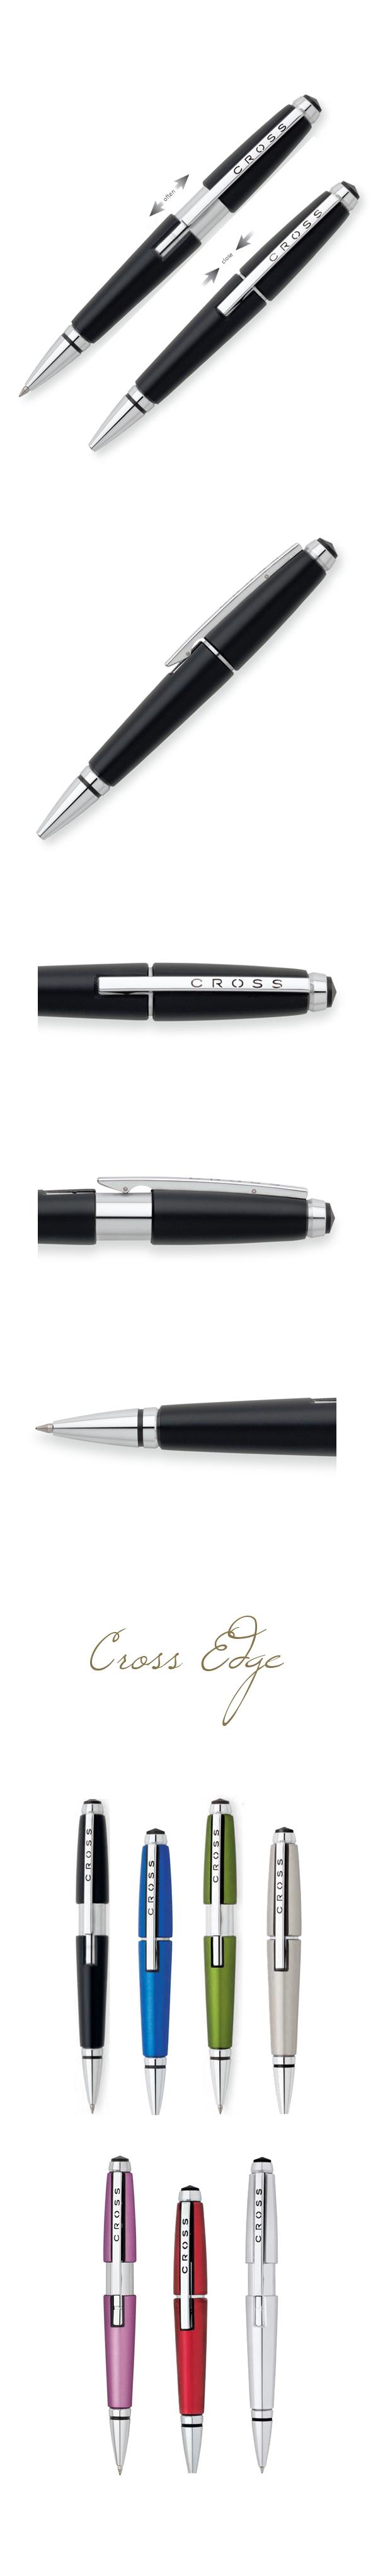 【9/26~10/2夏季精品8折優惠!】CROSS Edge 烏黑鋼珠筆 AT0555-2